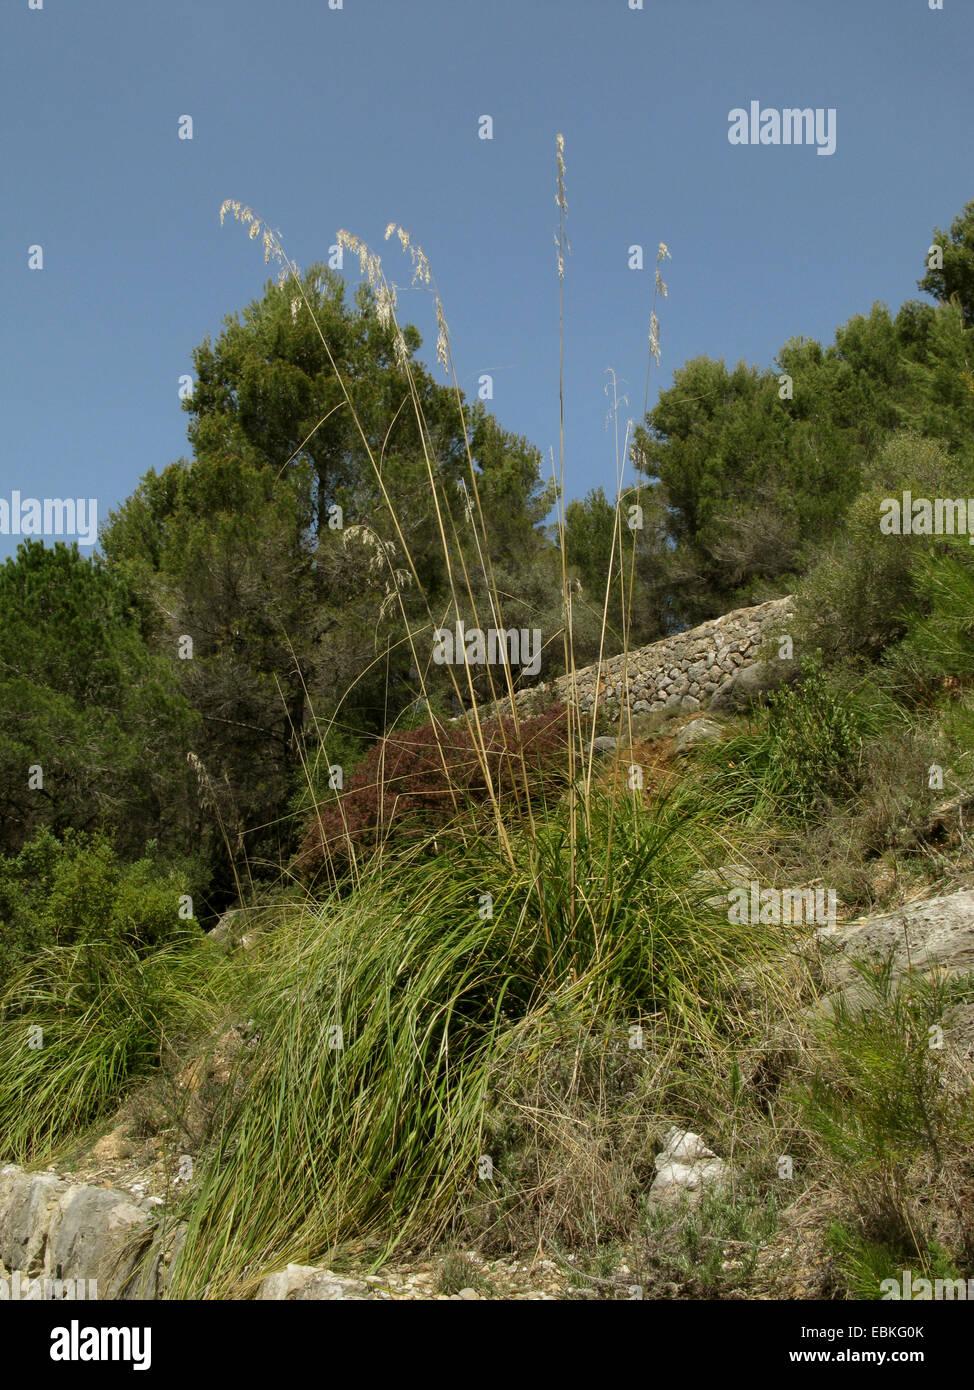 Stramma, Mauritania grass, Rope grass, Dis grass (Ampelodesmos mauritanicus), blooming, Spain, Balearen, Majorca - Stock Image